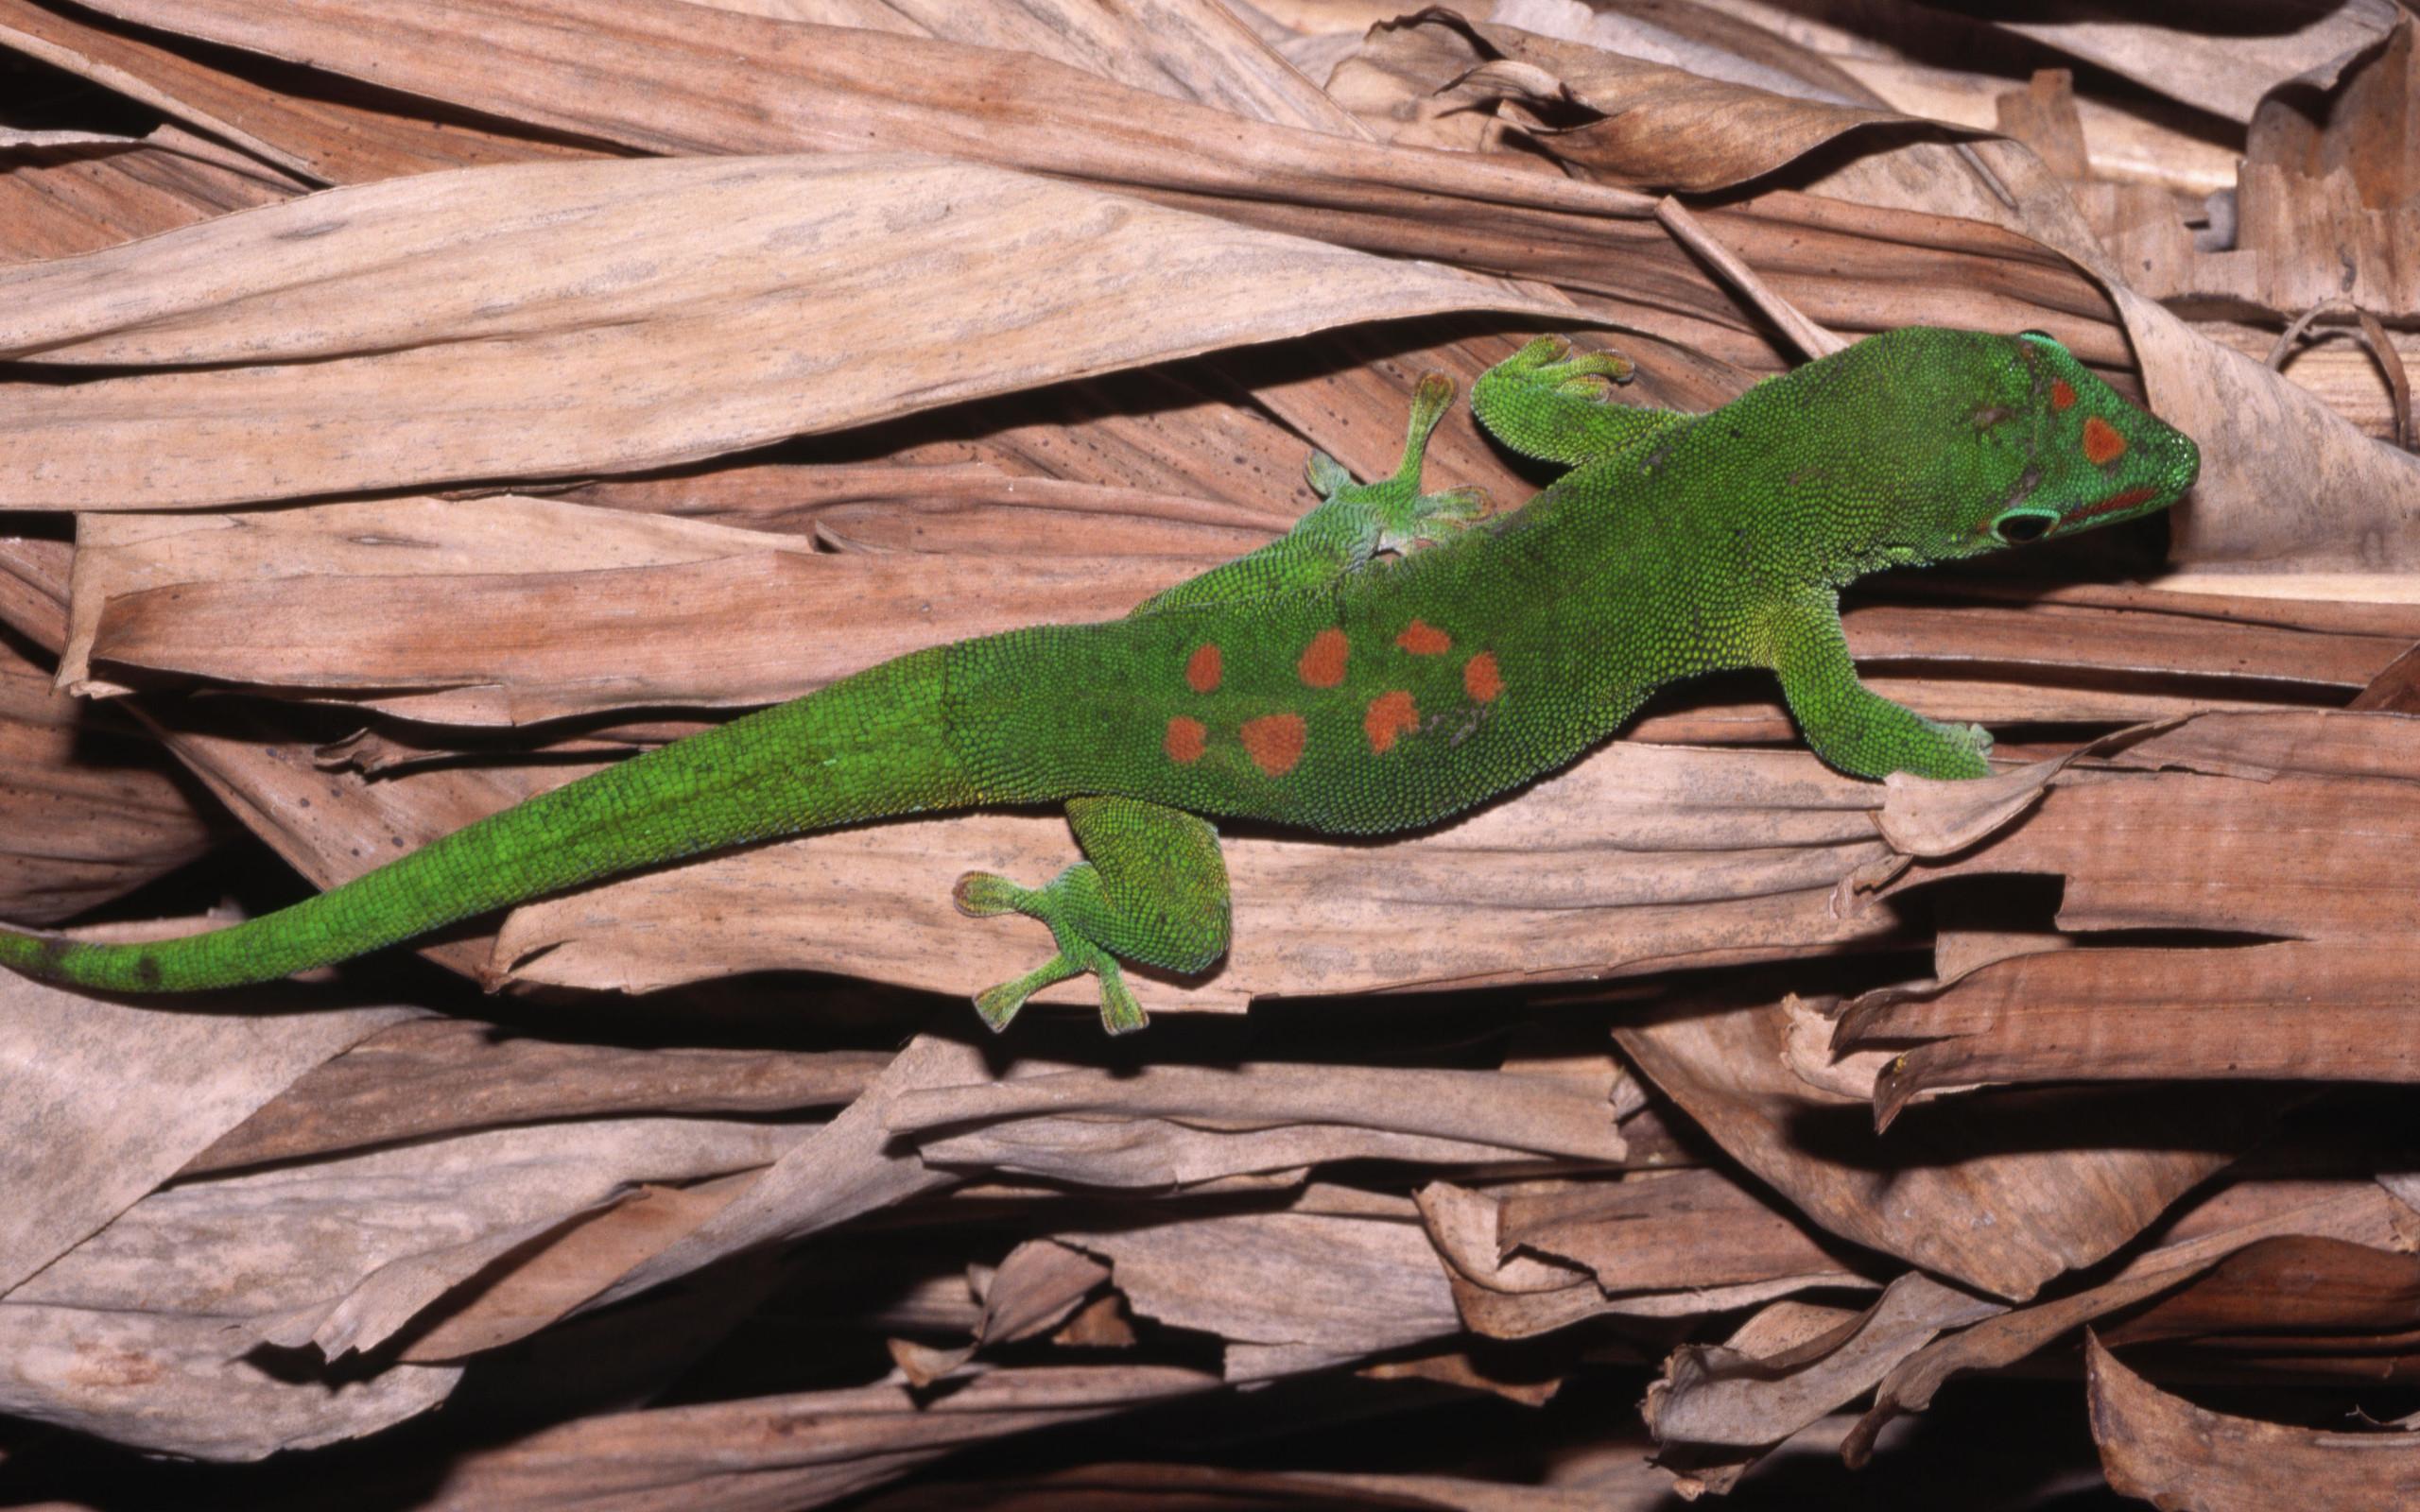 3840x2160 wallpaper lizard gecko - photo #13